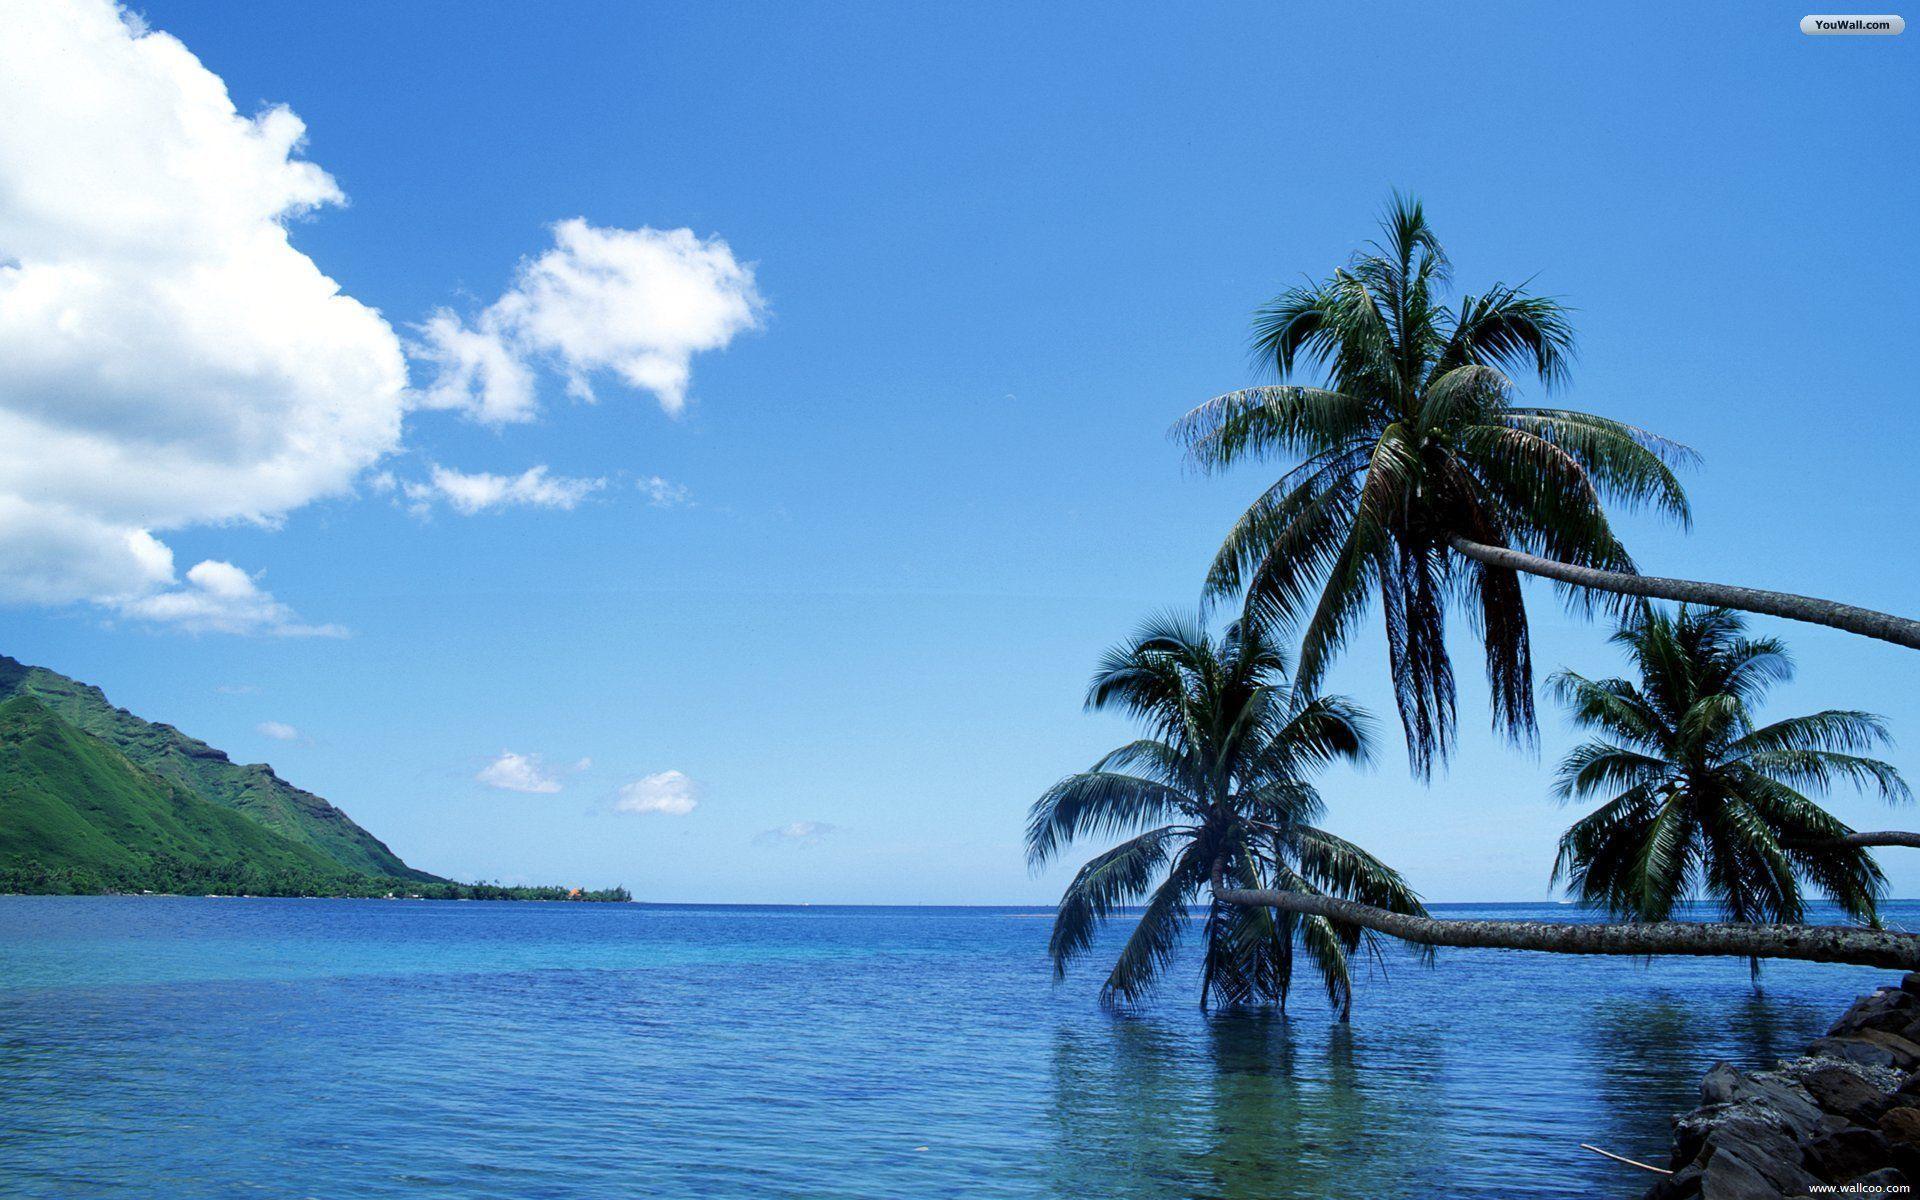 Download Beach Sea Wallpaper Gallery: Tahiti Wallpapers